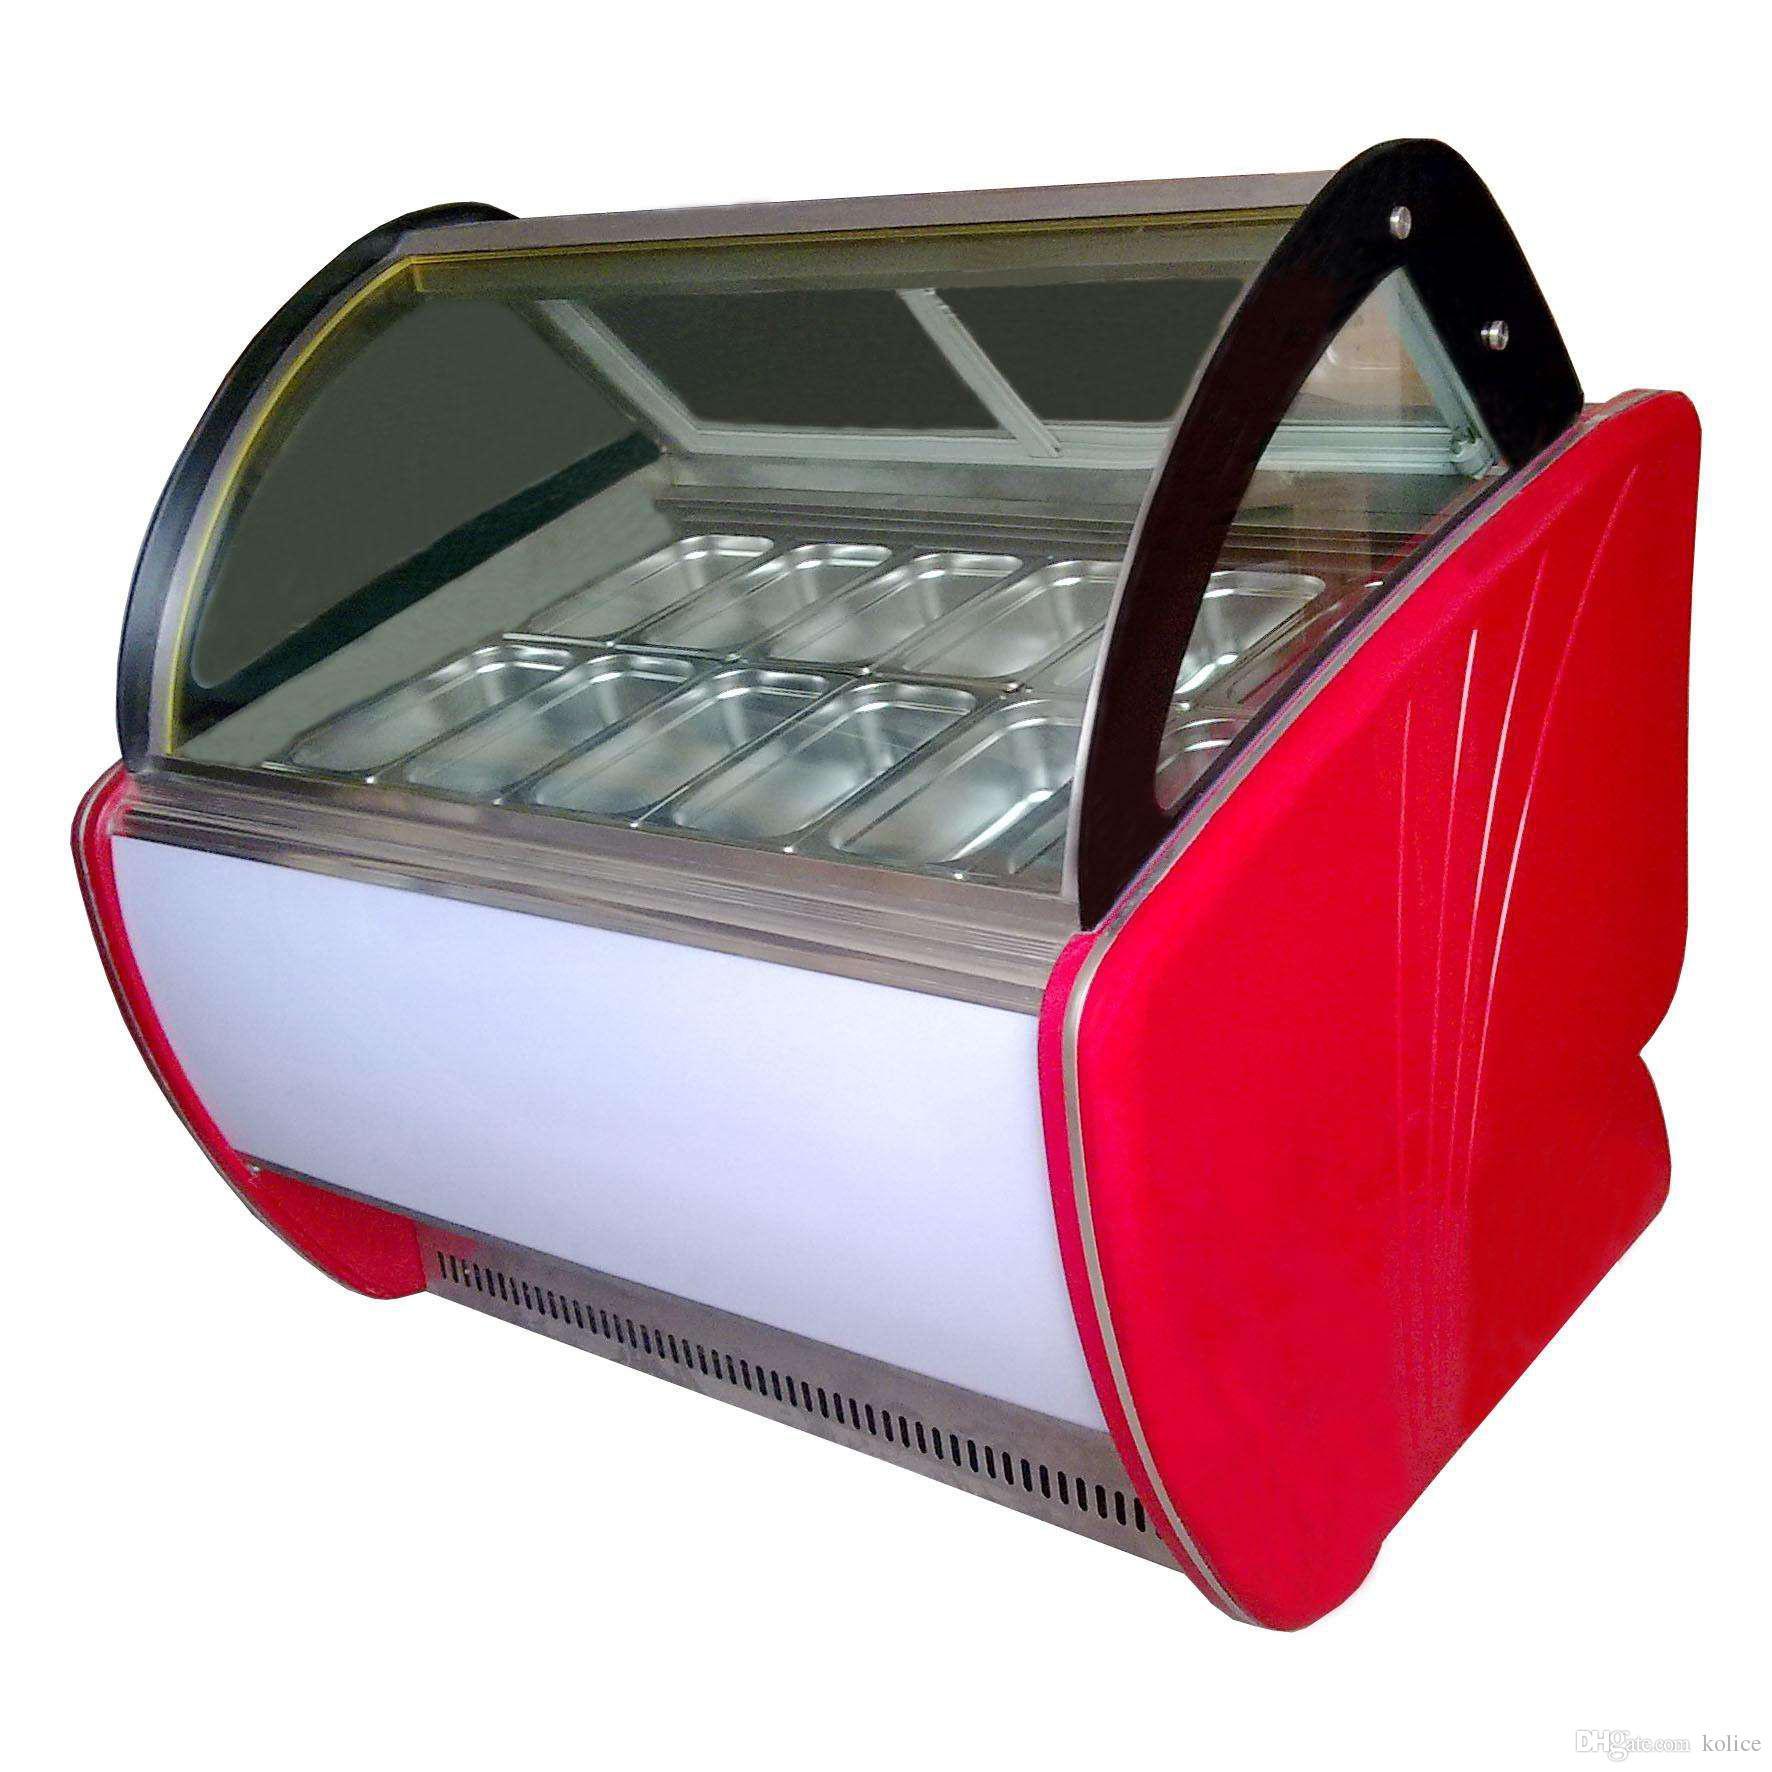 Freier Versand Kühlluft Konvektion Design, Anti-Beschlag Glas 12 Trommeln Eis Vitrine Gefrierschrank / Eis-Display Gefrierschrank / Eis Gefrierschrank